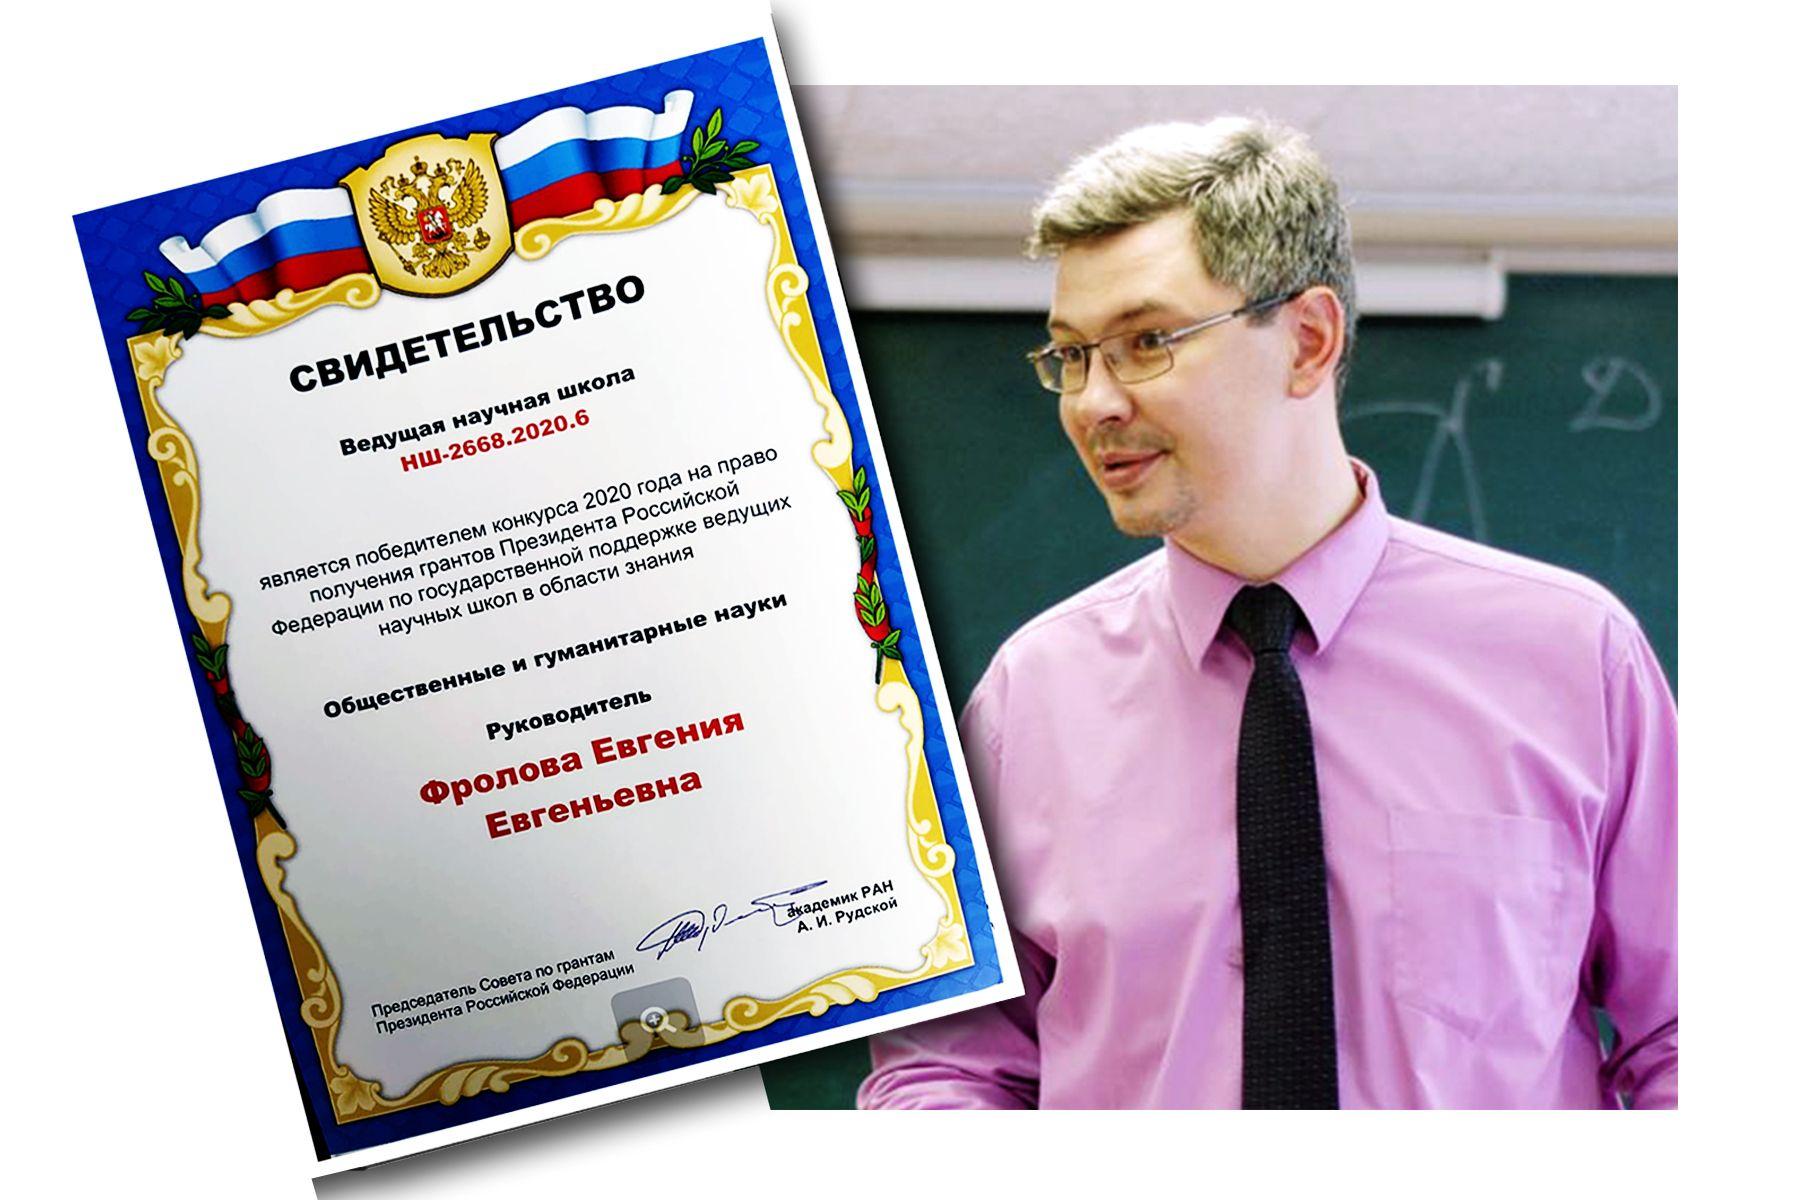 Научная школа ВГУЭС, возглавляемая профессором Алексеем Мамычевым, победила в конкурсе 2020 года на получение грантов Президента РФ